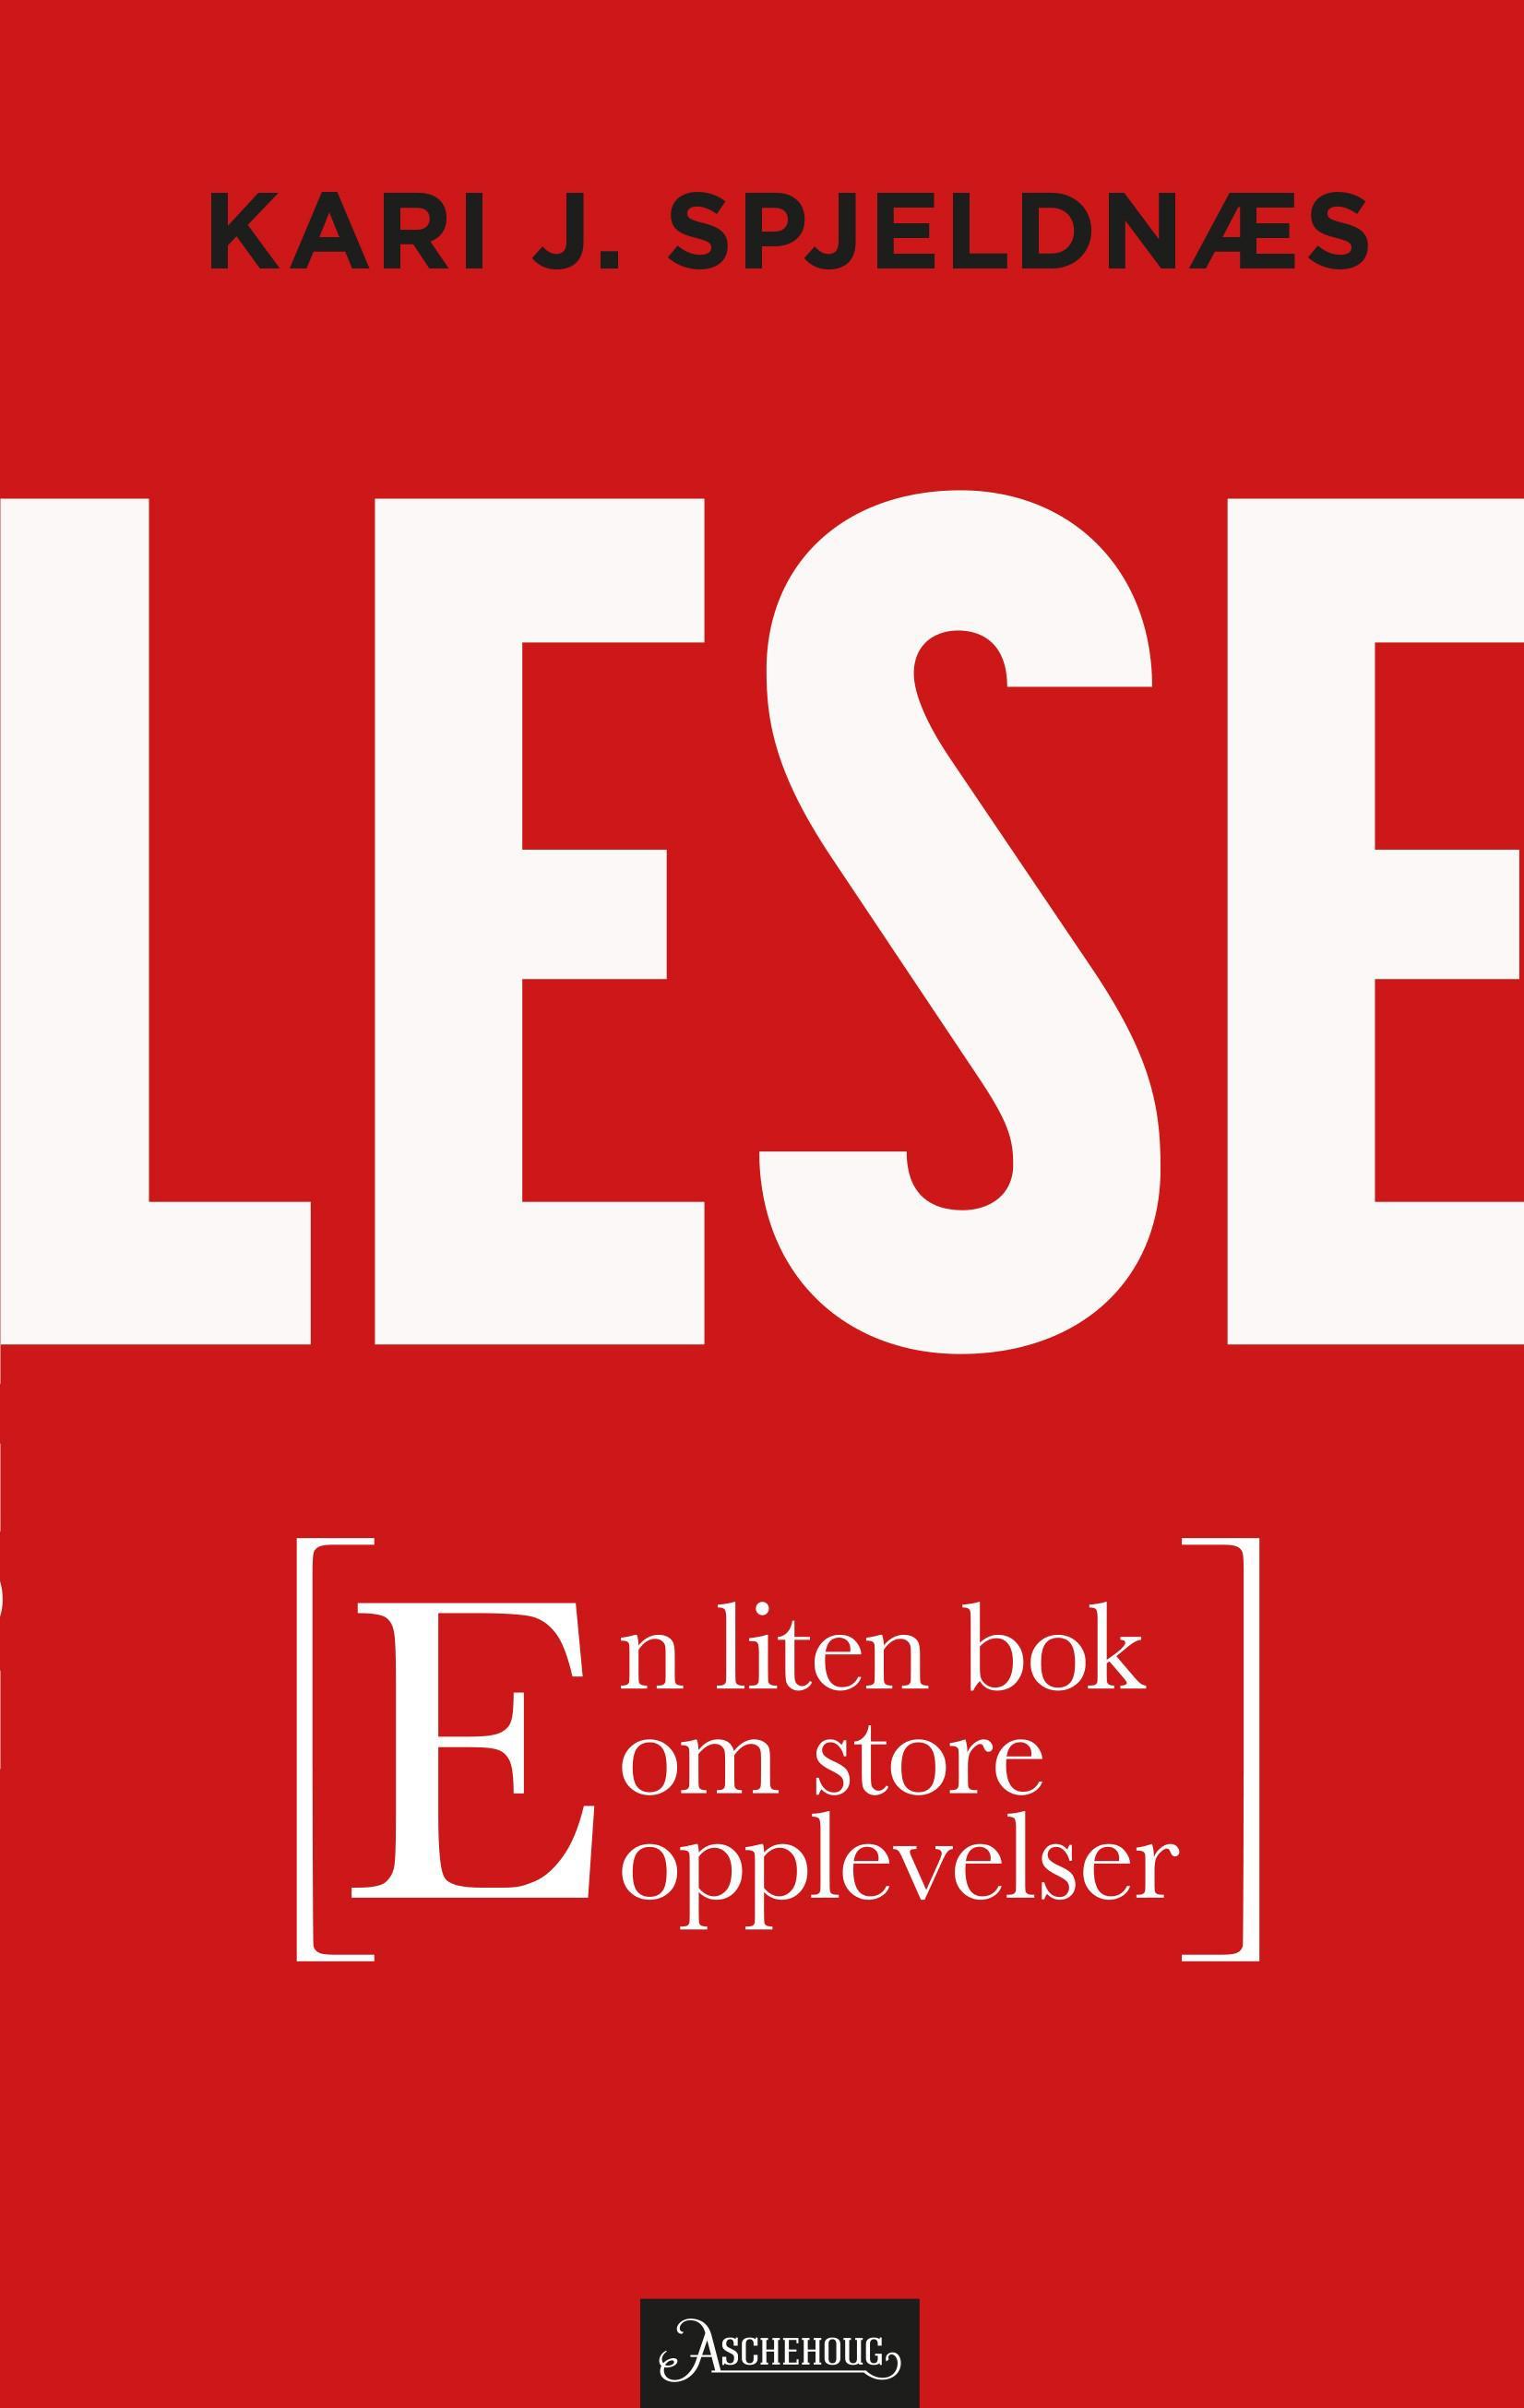 """""""Lese - en liten bok om store opplevelser"""" av Kari J. Spjeldnæs"""